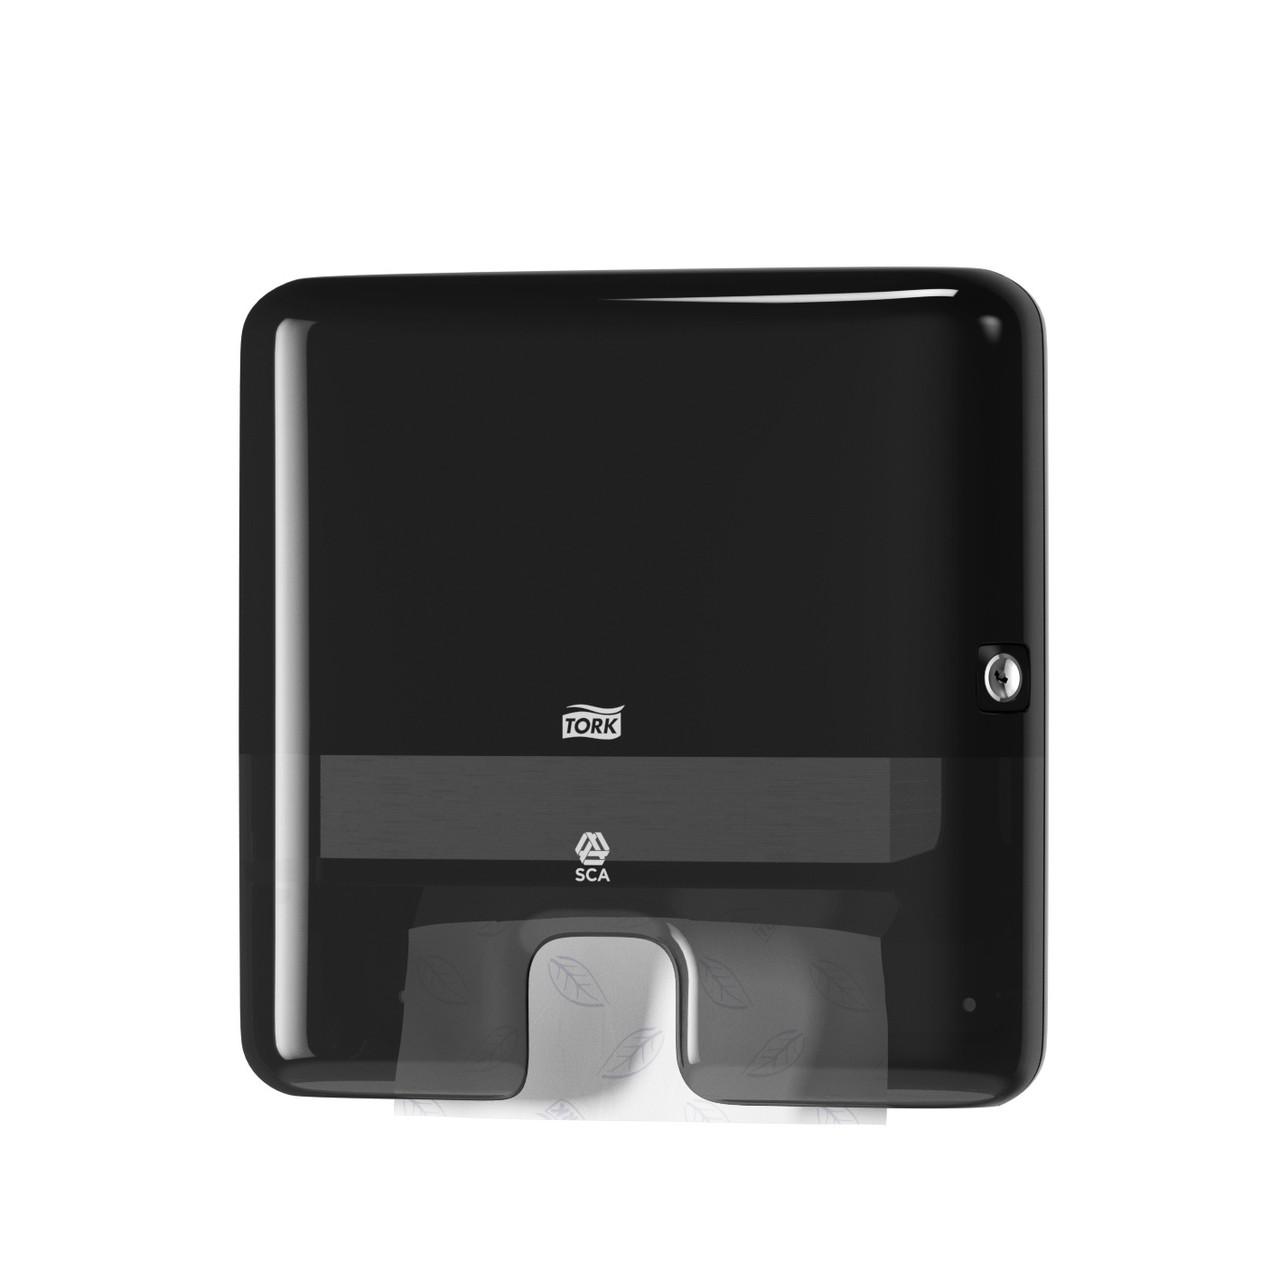 Tork Xpress мини-диспенсер для листовых полотенец сложения Multifold 552108